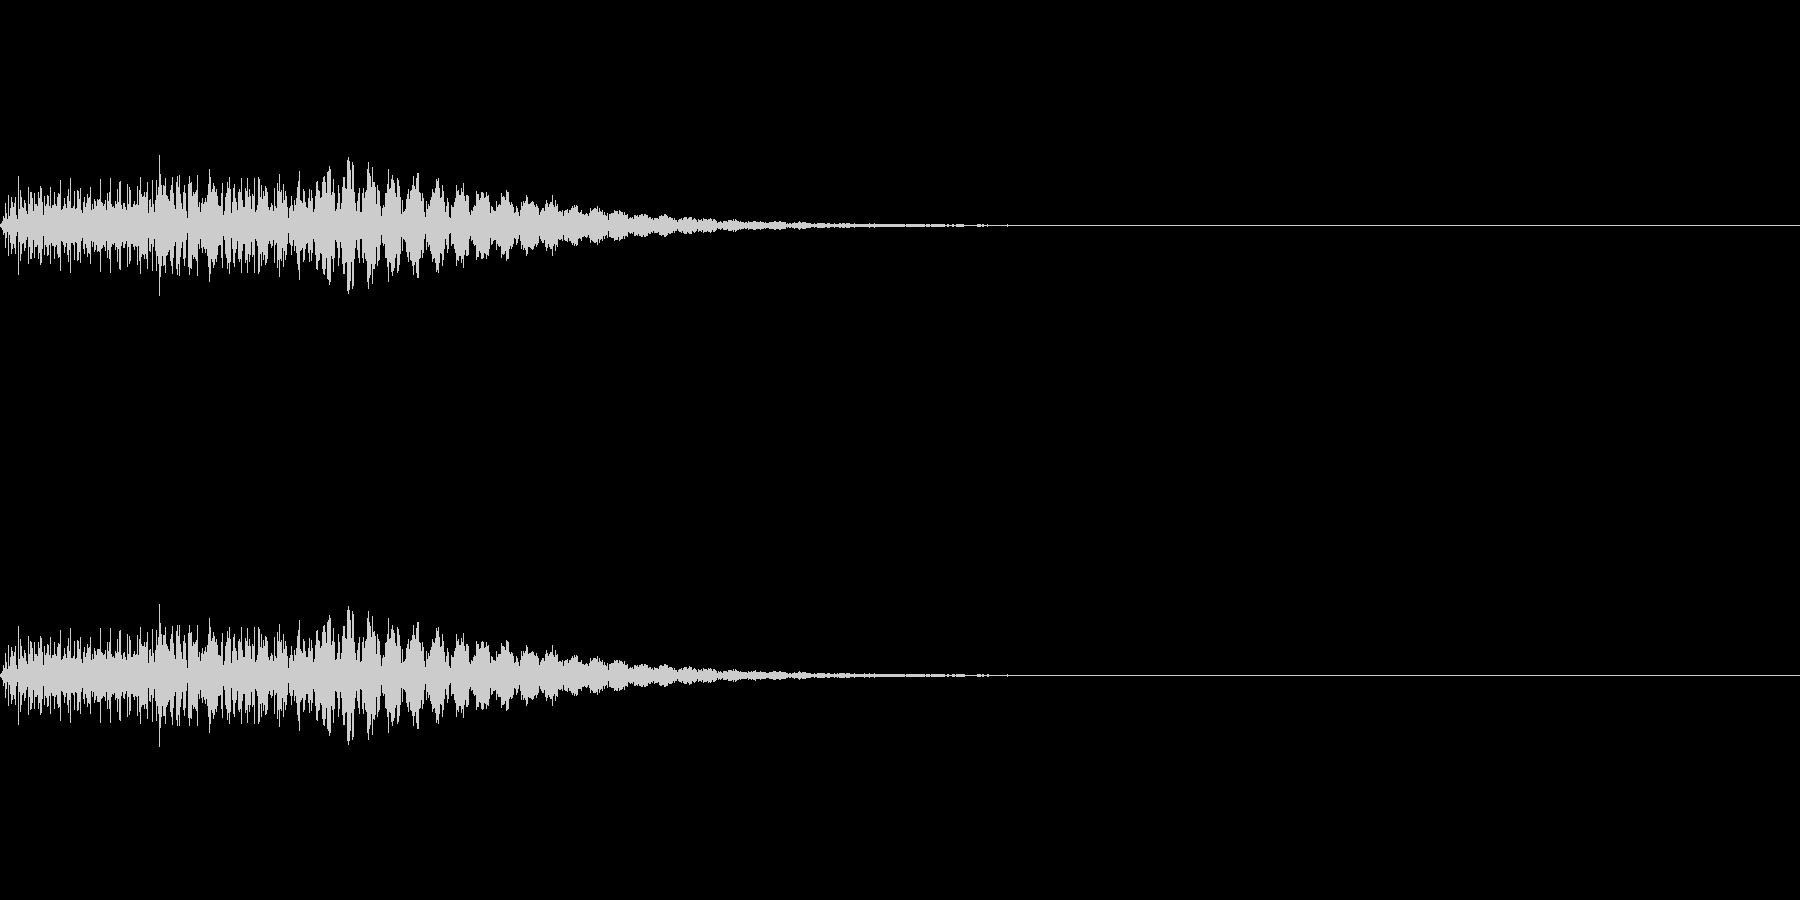 タララン(ピアノのエラー音)の未再生の波形